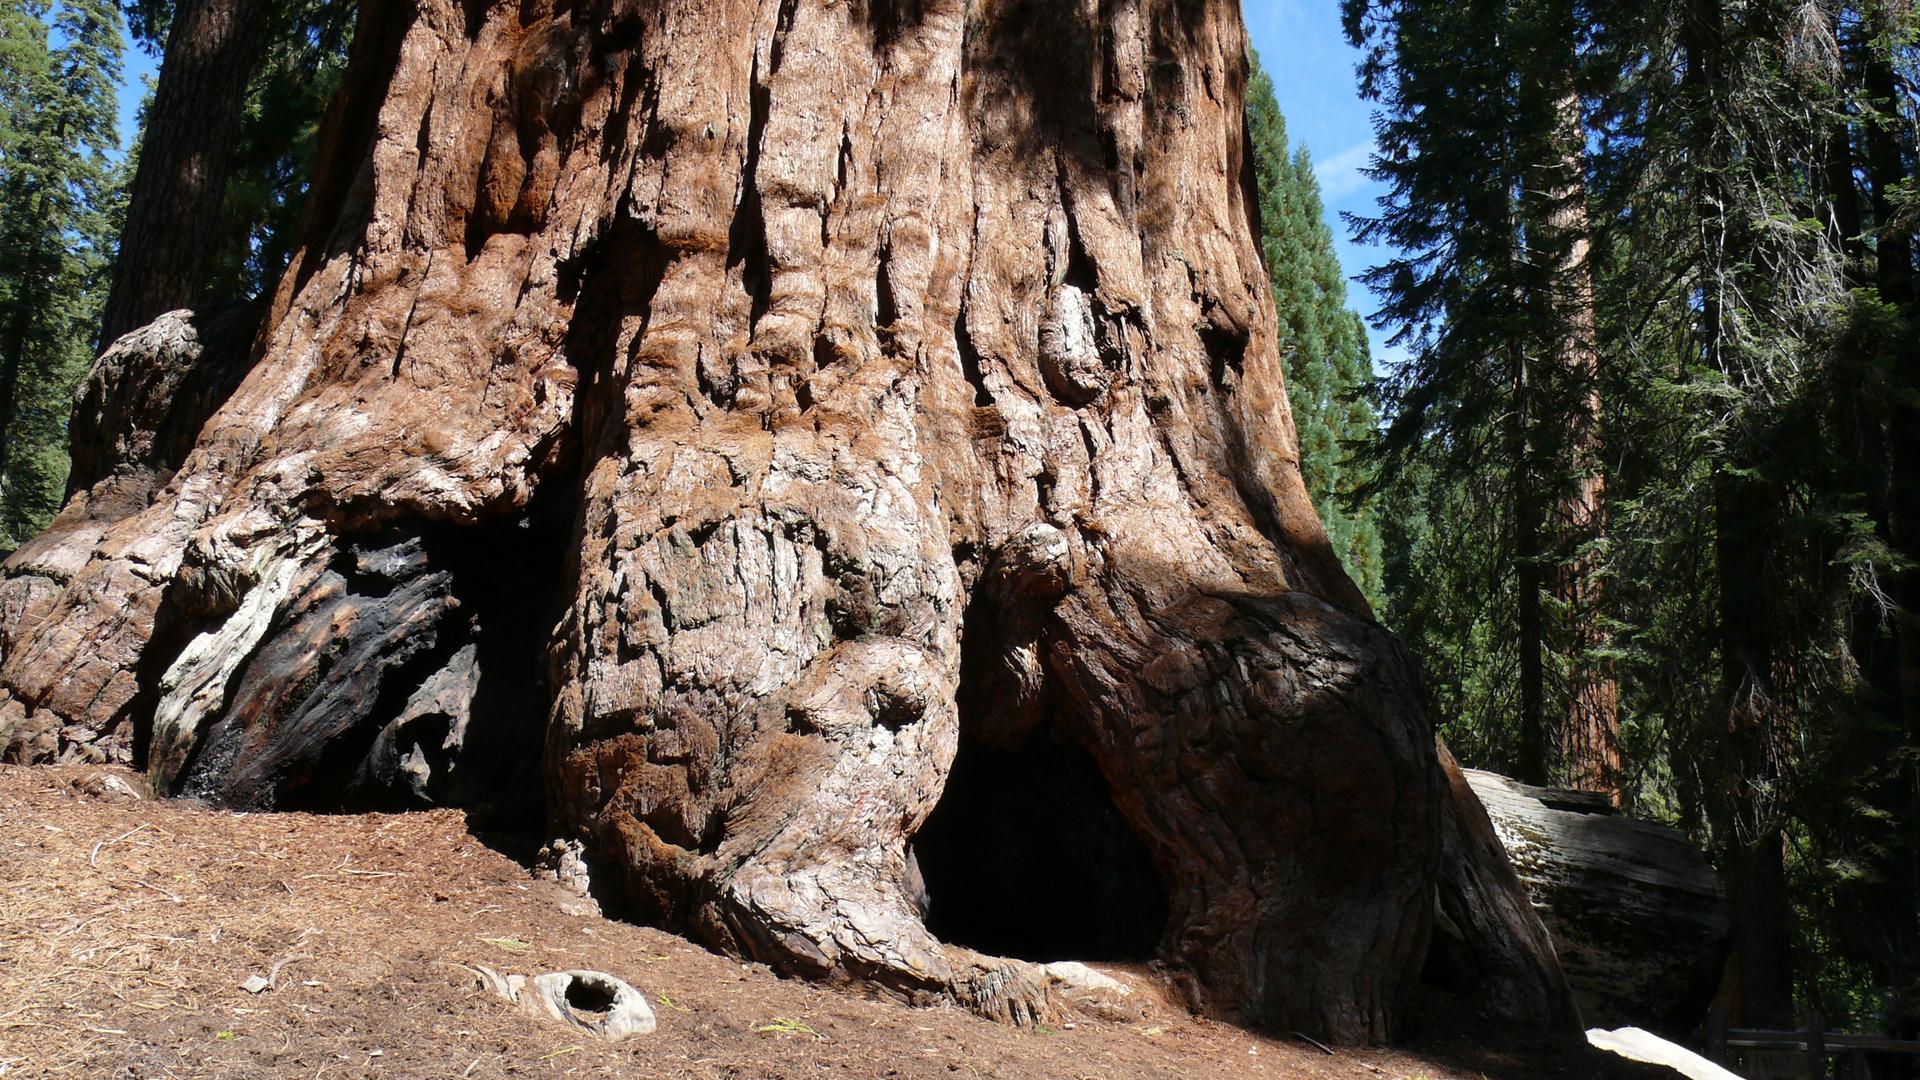 Grand Tree Trail